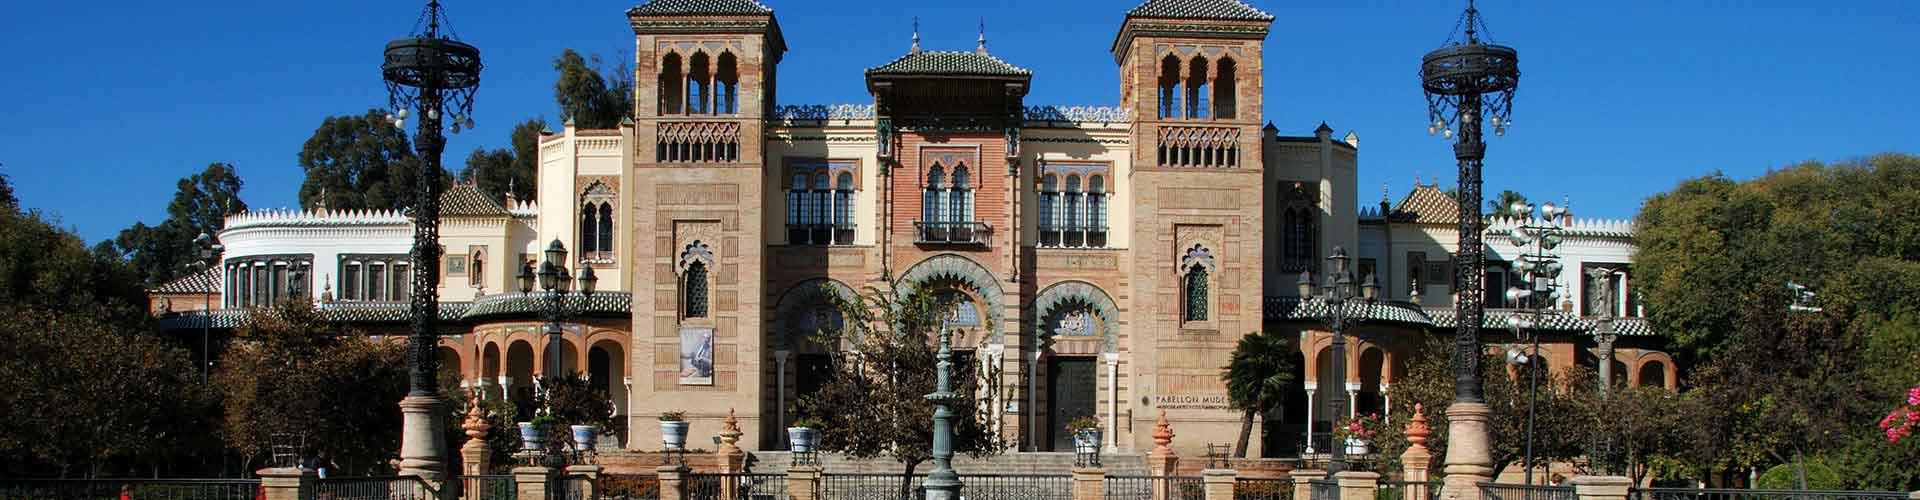 Seville - Auberges de jeunesse dans le quartier de Museo. Cartes pour Seville, photos et commentaires pour chaque auberge de jeunesse à Seville.